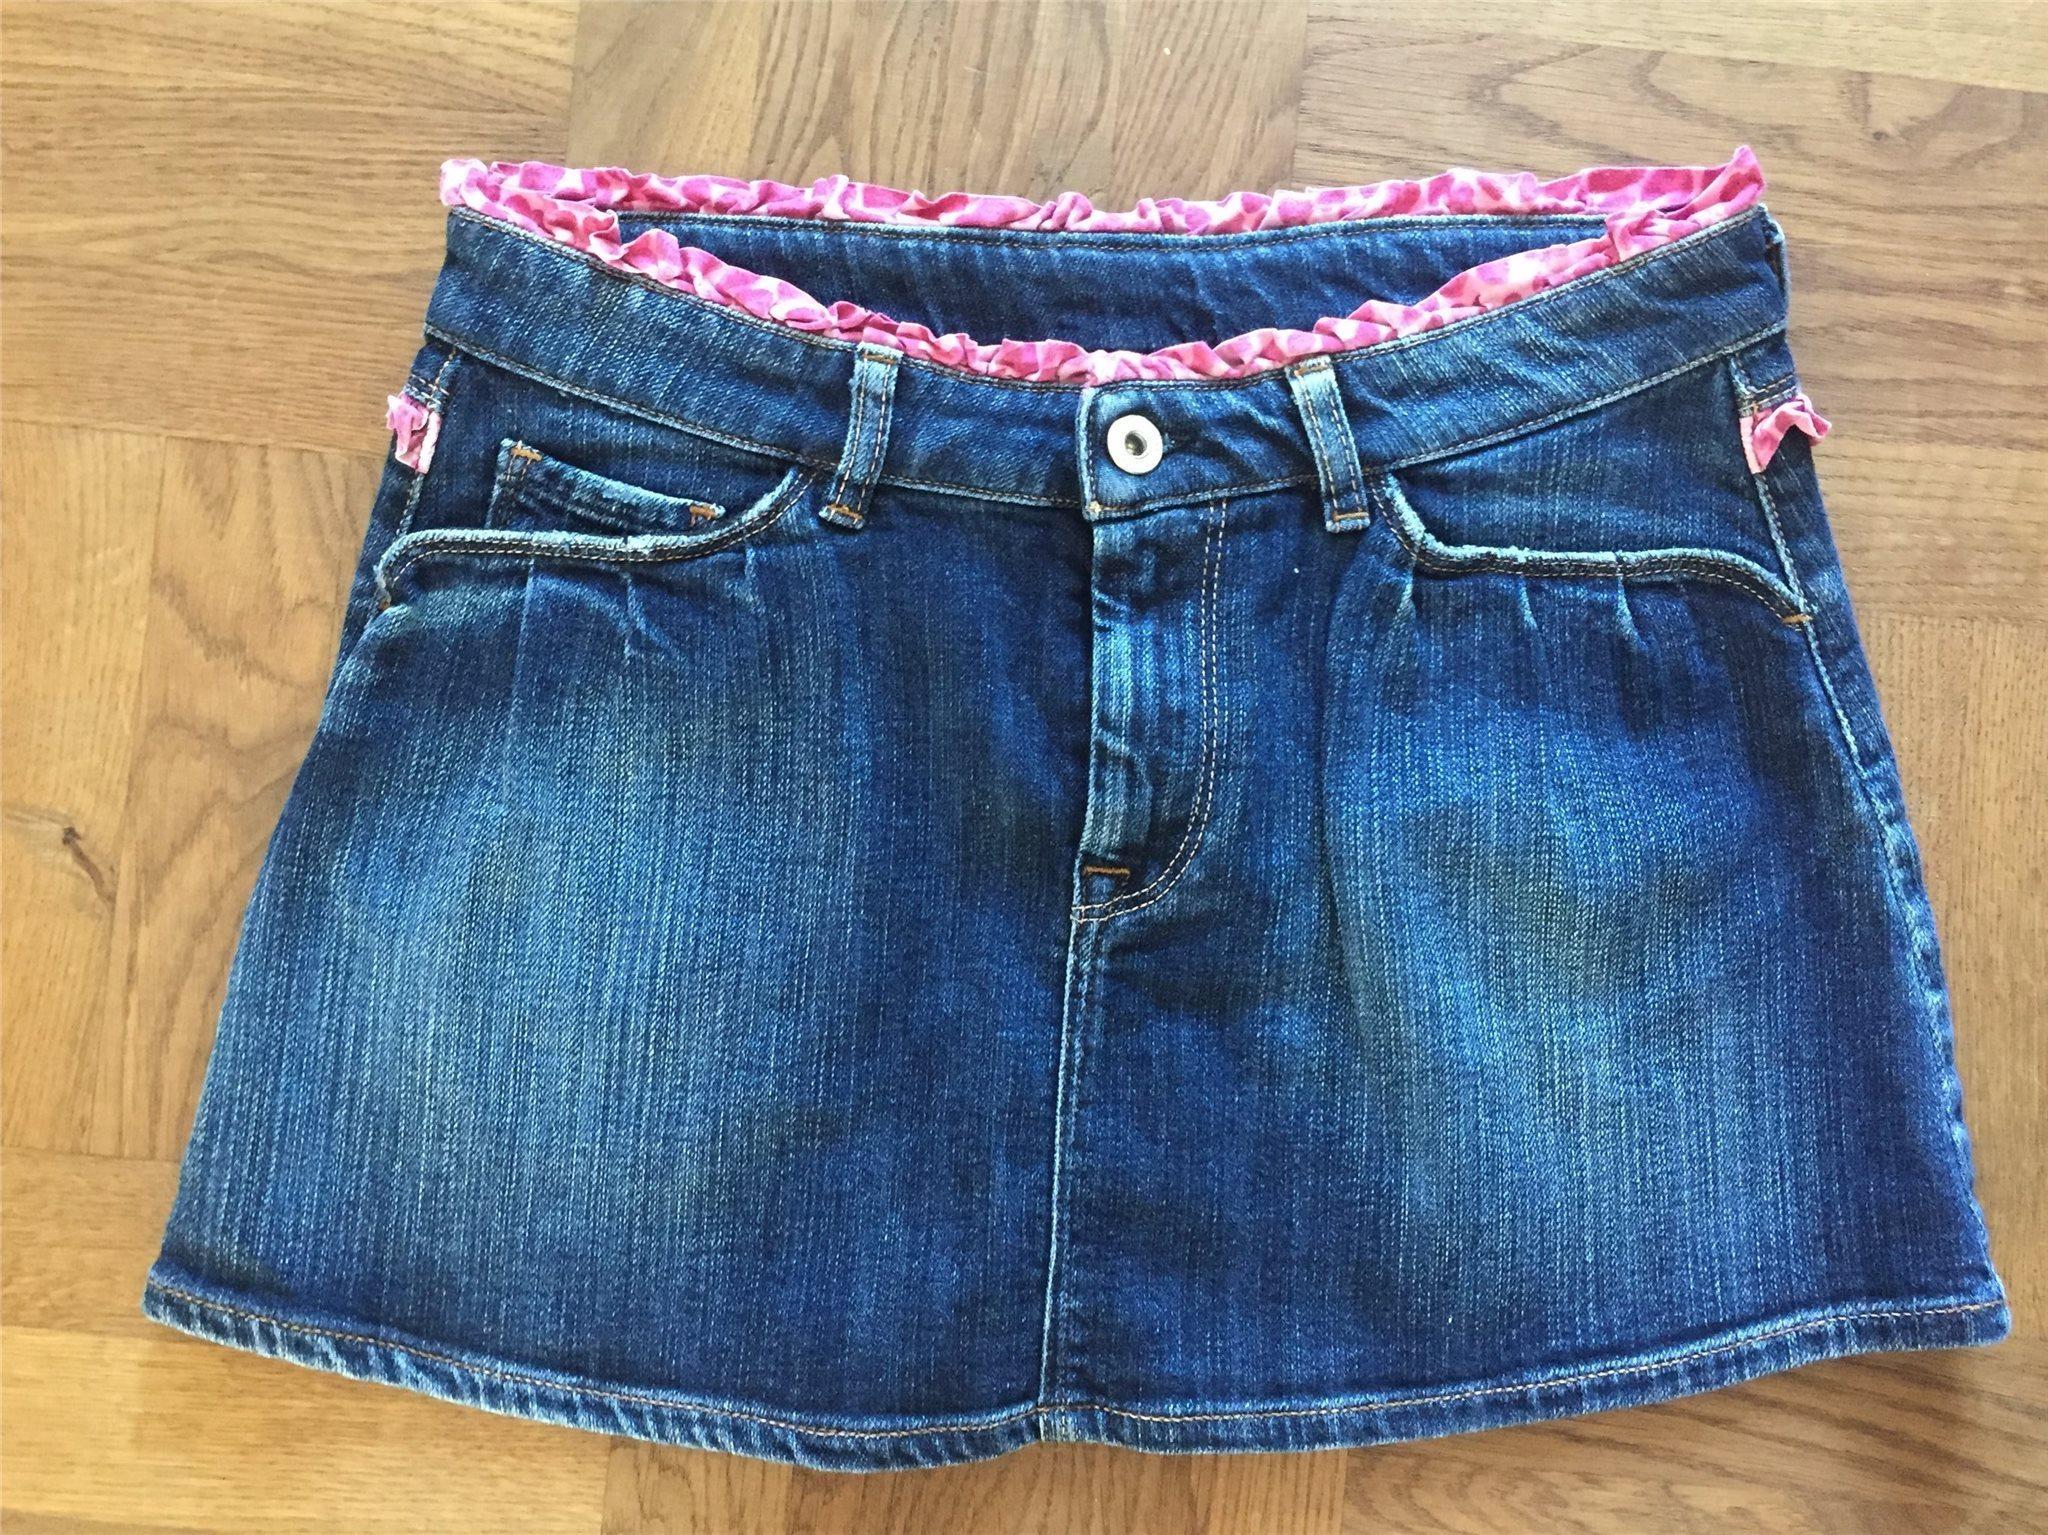 12a4cfc394cc Nolita jeanskjol, size 14 (78 cm runt om) (351708746) ᐈ Köp på Tradera